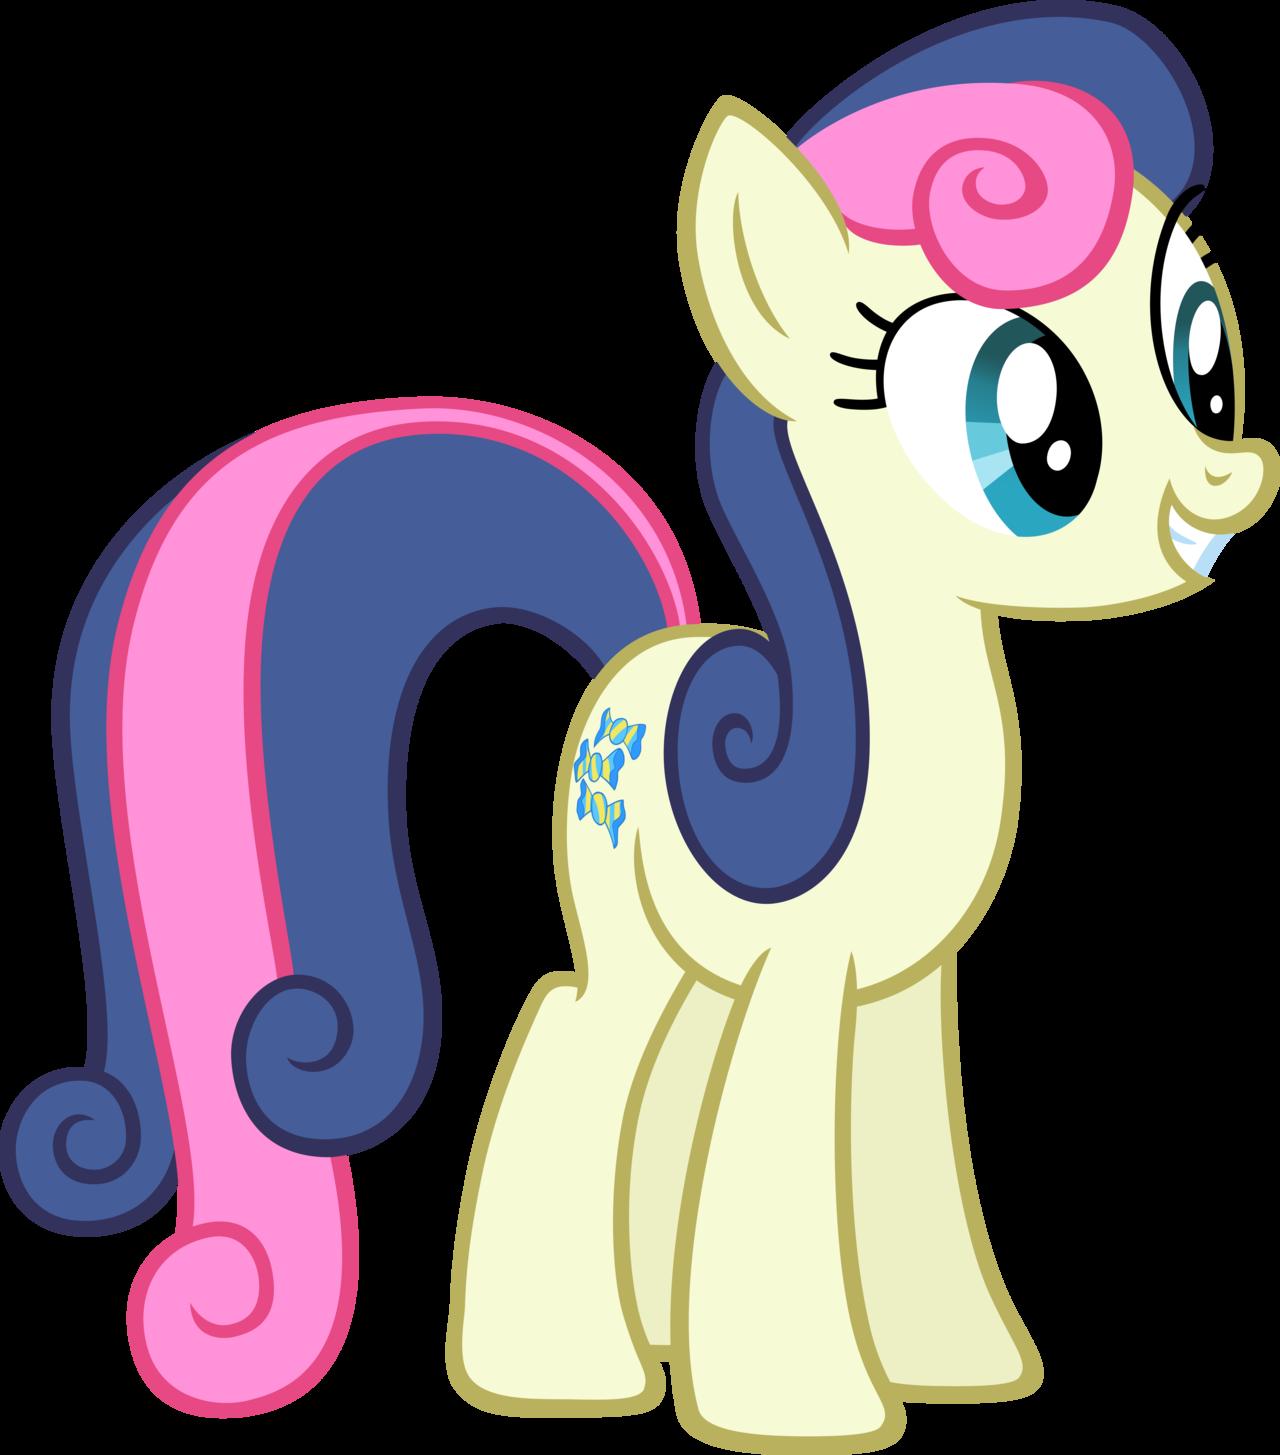 Bon Bon My Little Pony Fan Labor Wiki Fandom Powered By Wikia My Little Pony Drawing Mlp My Little Pony My Little Pony Games